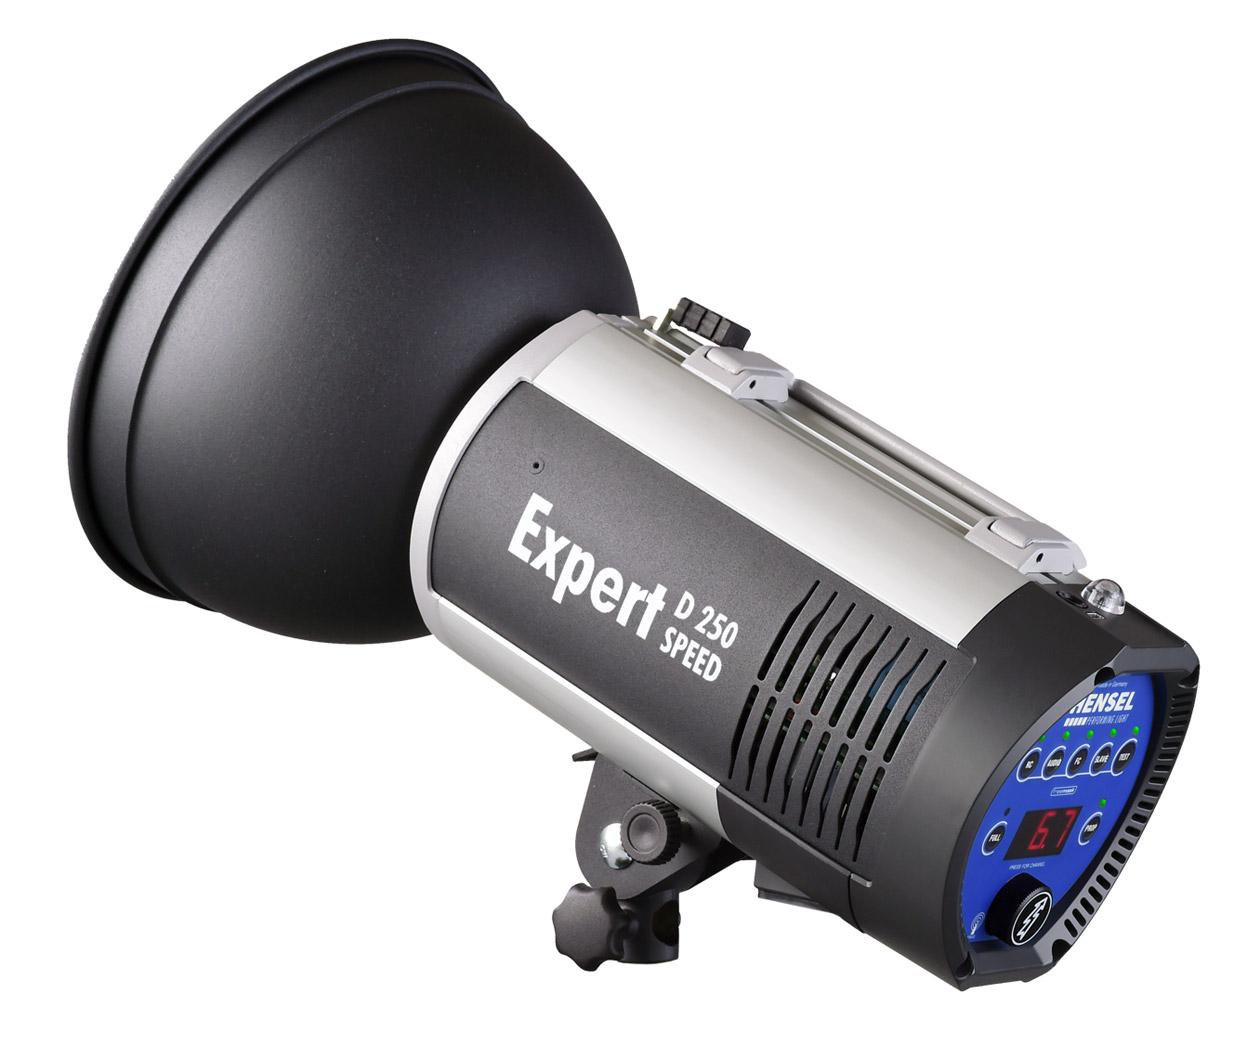 Компания Hensel выпустила высокоскоростную студийную вспышку Hensel Expert D 250 Speed